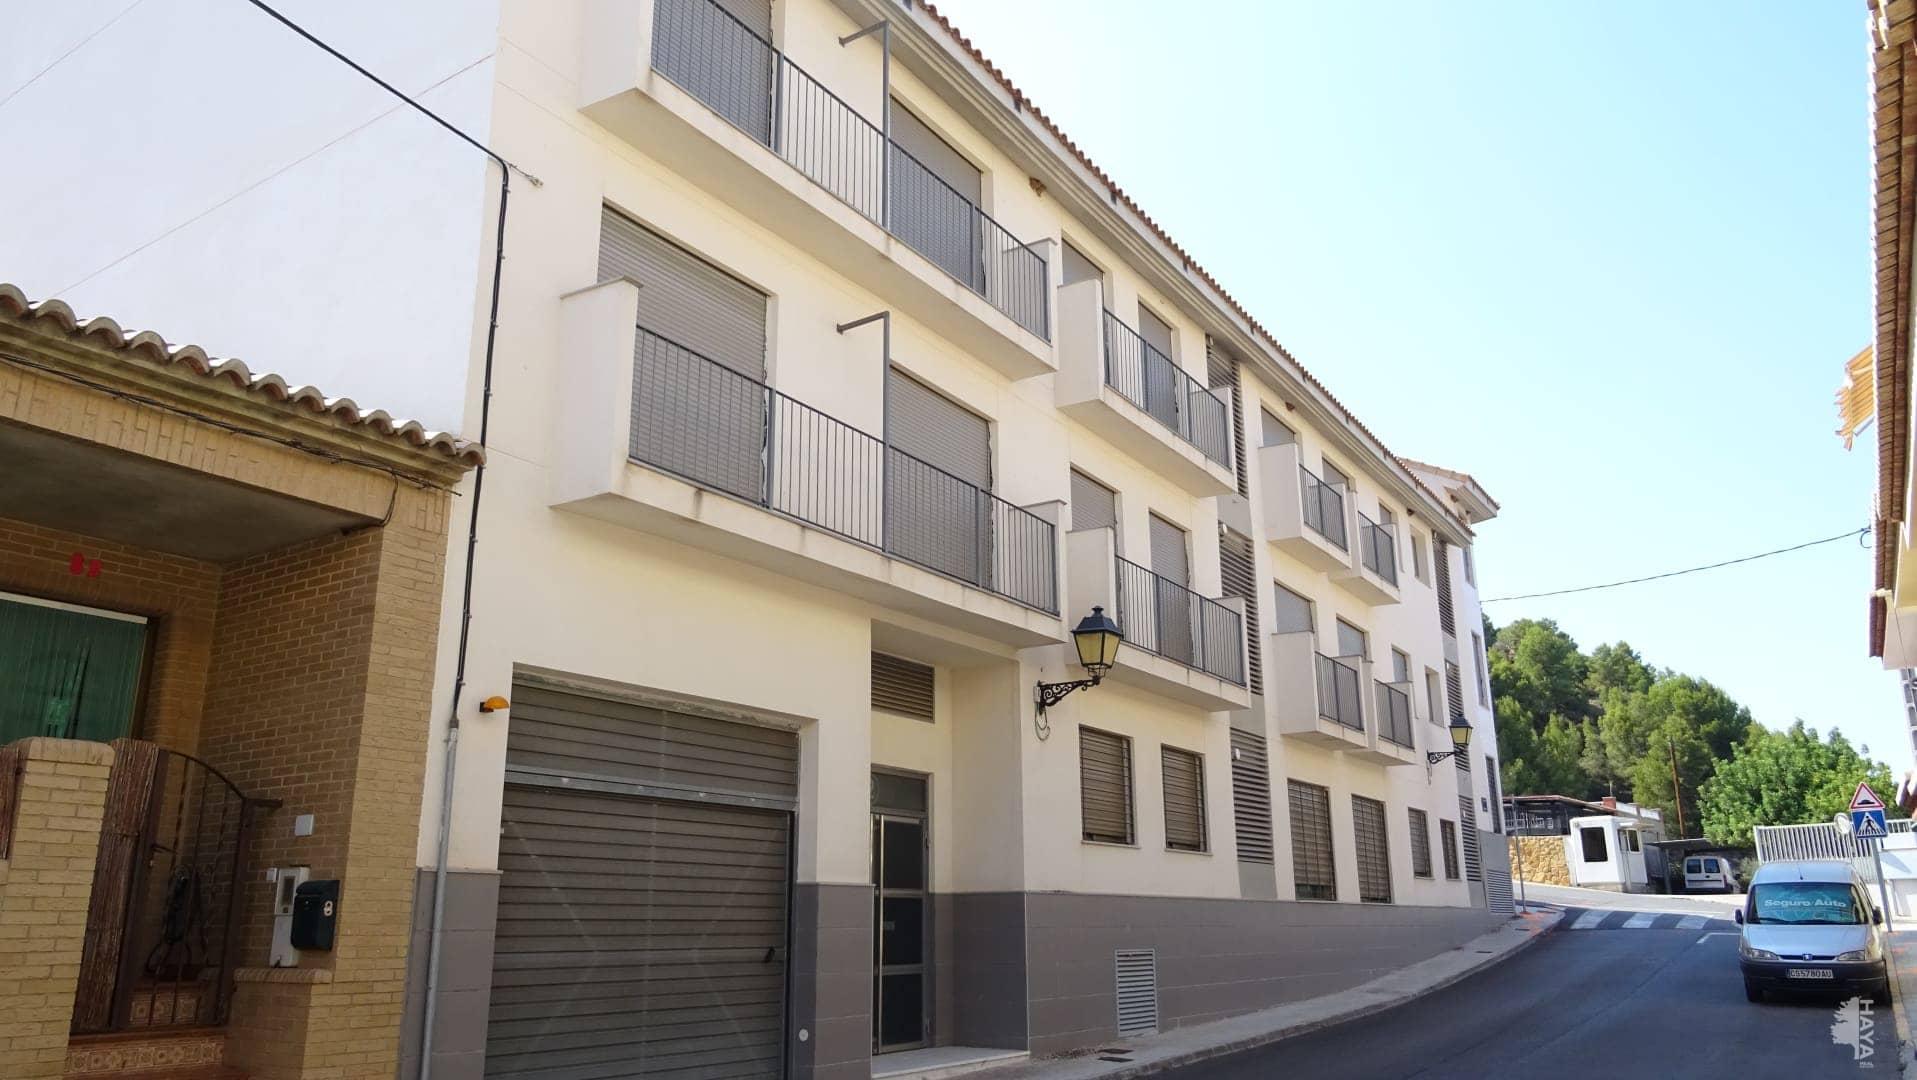 Piso en venta en Gilet, Gilet, Valencia, Calle Sagunt, 96.000 €, 2 habitaciones, 2 baños, 95 m2